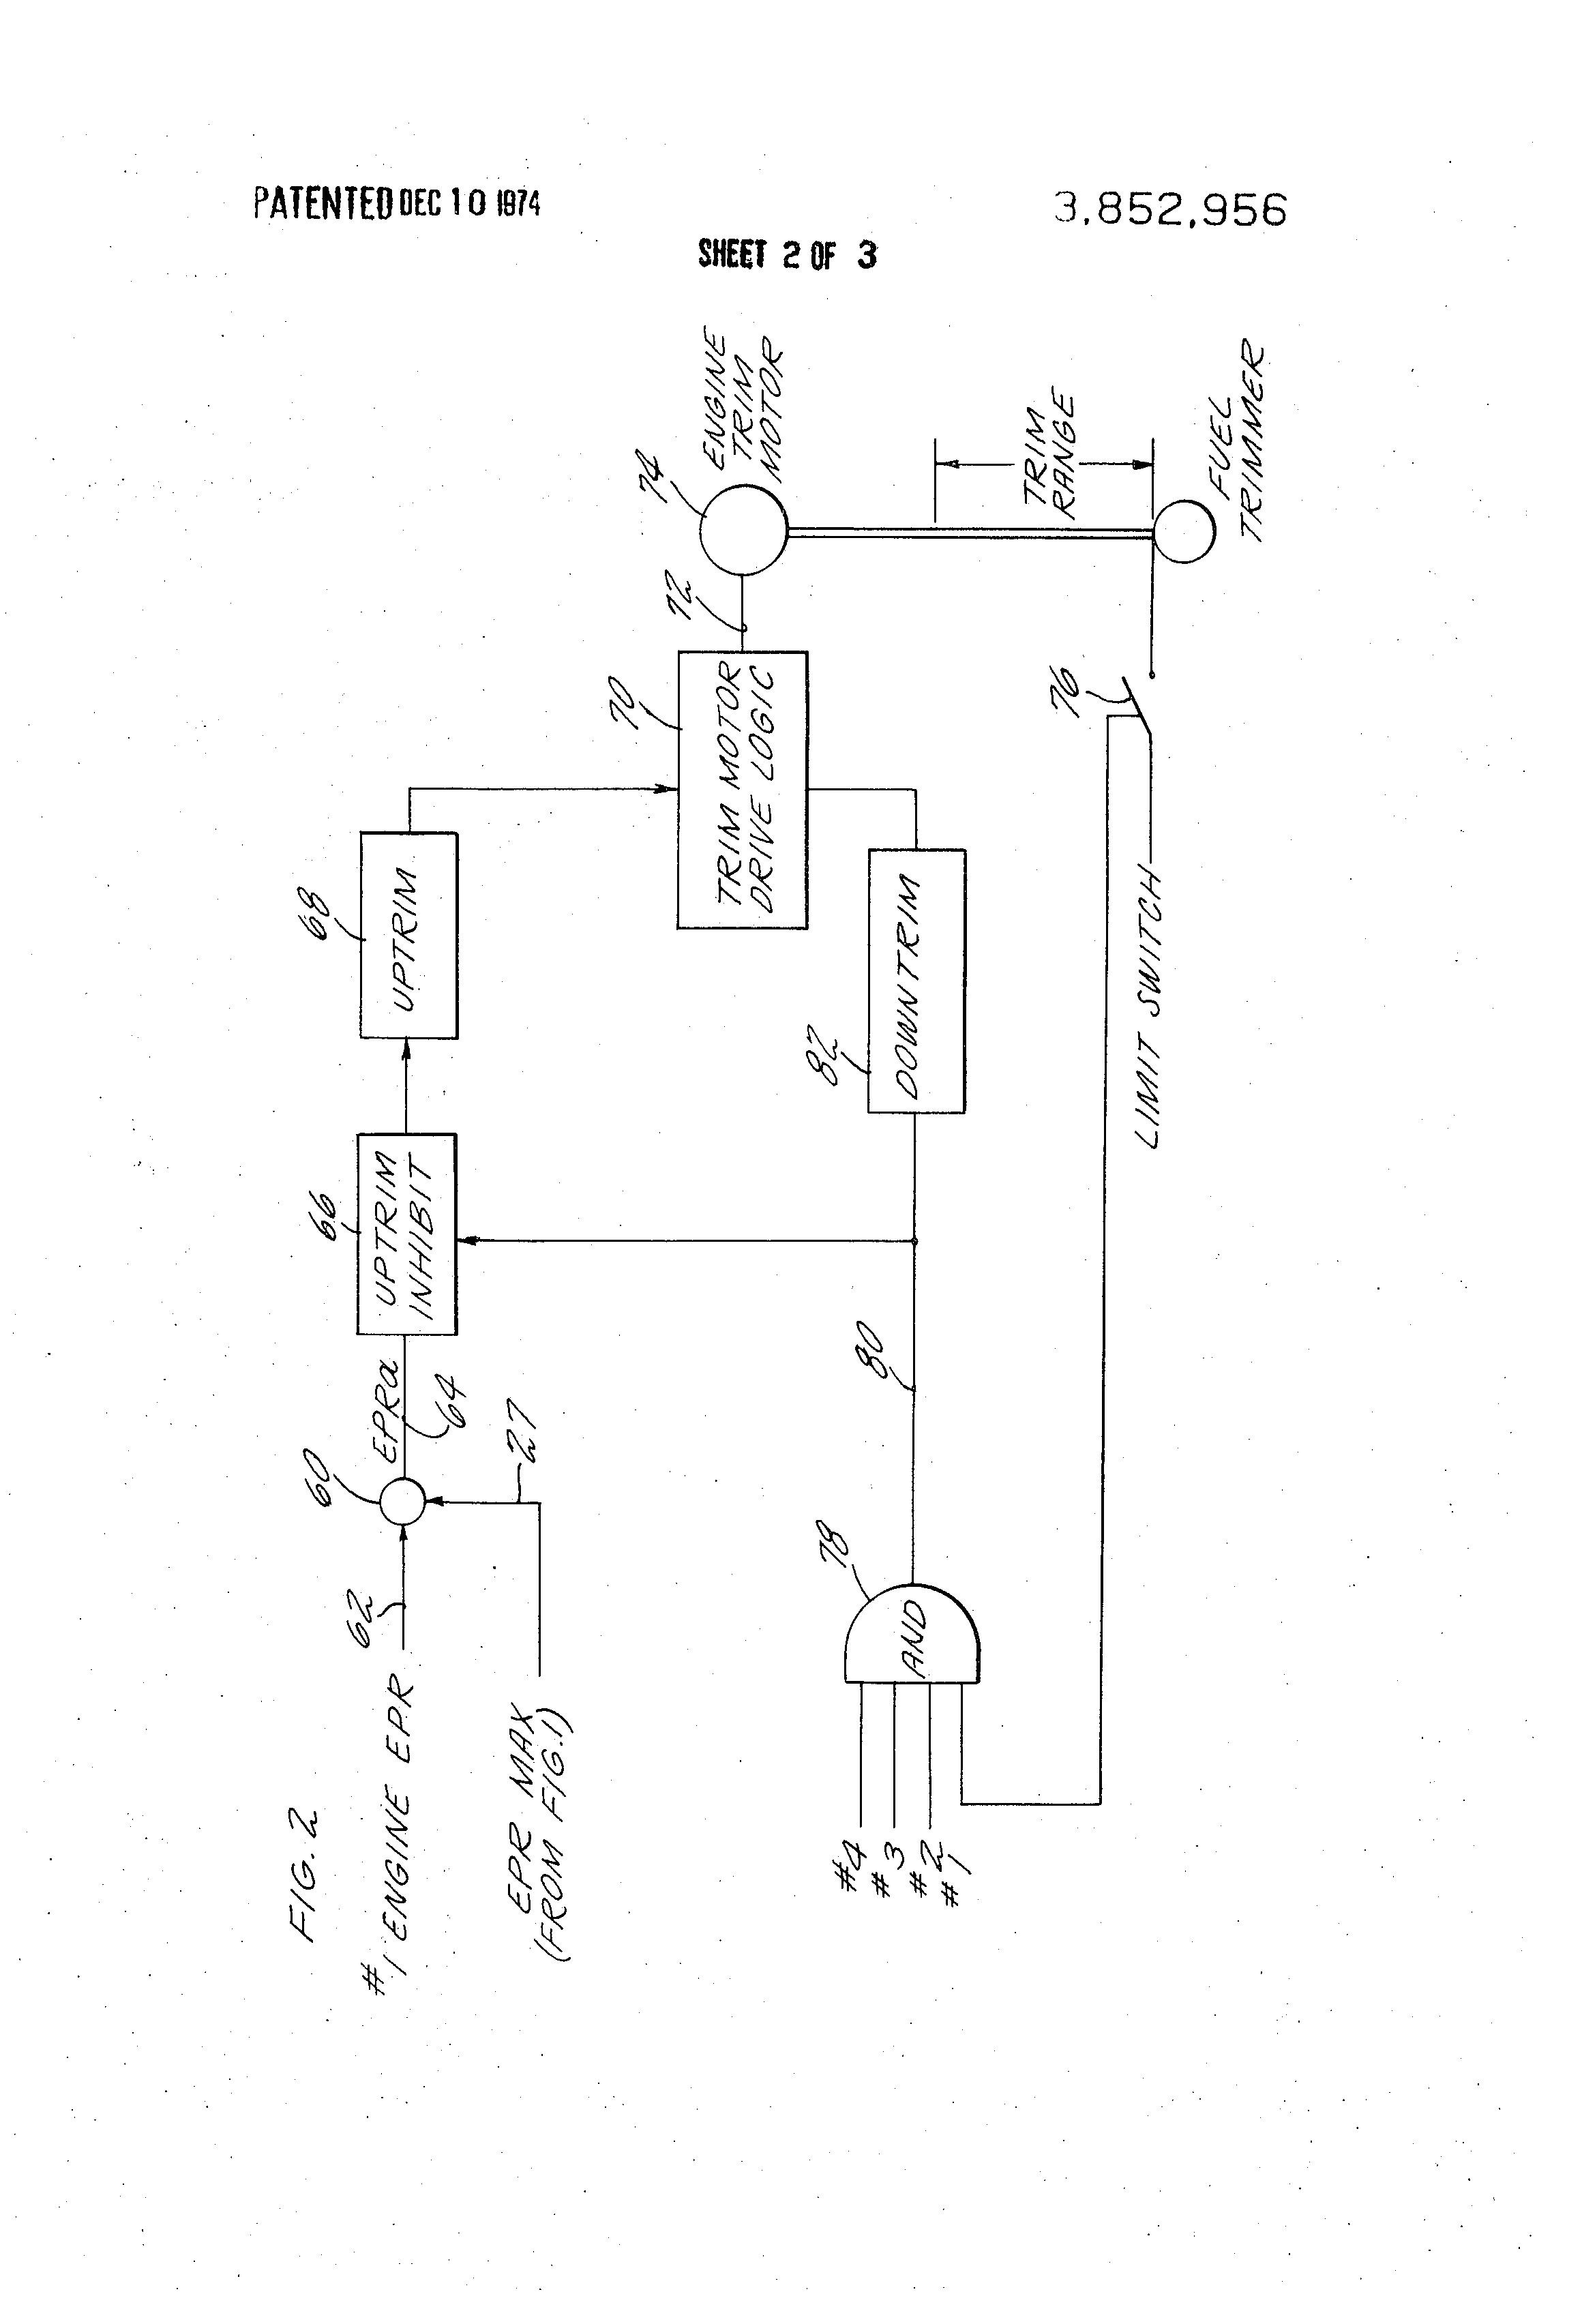 Gas Turbine Engine Fuel System Block Diagram Patent Us Aircraft Engine Pressure Ratio Autotrim System Of Gas Turbine Engine Fuel System Block Diagram